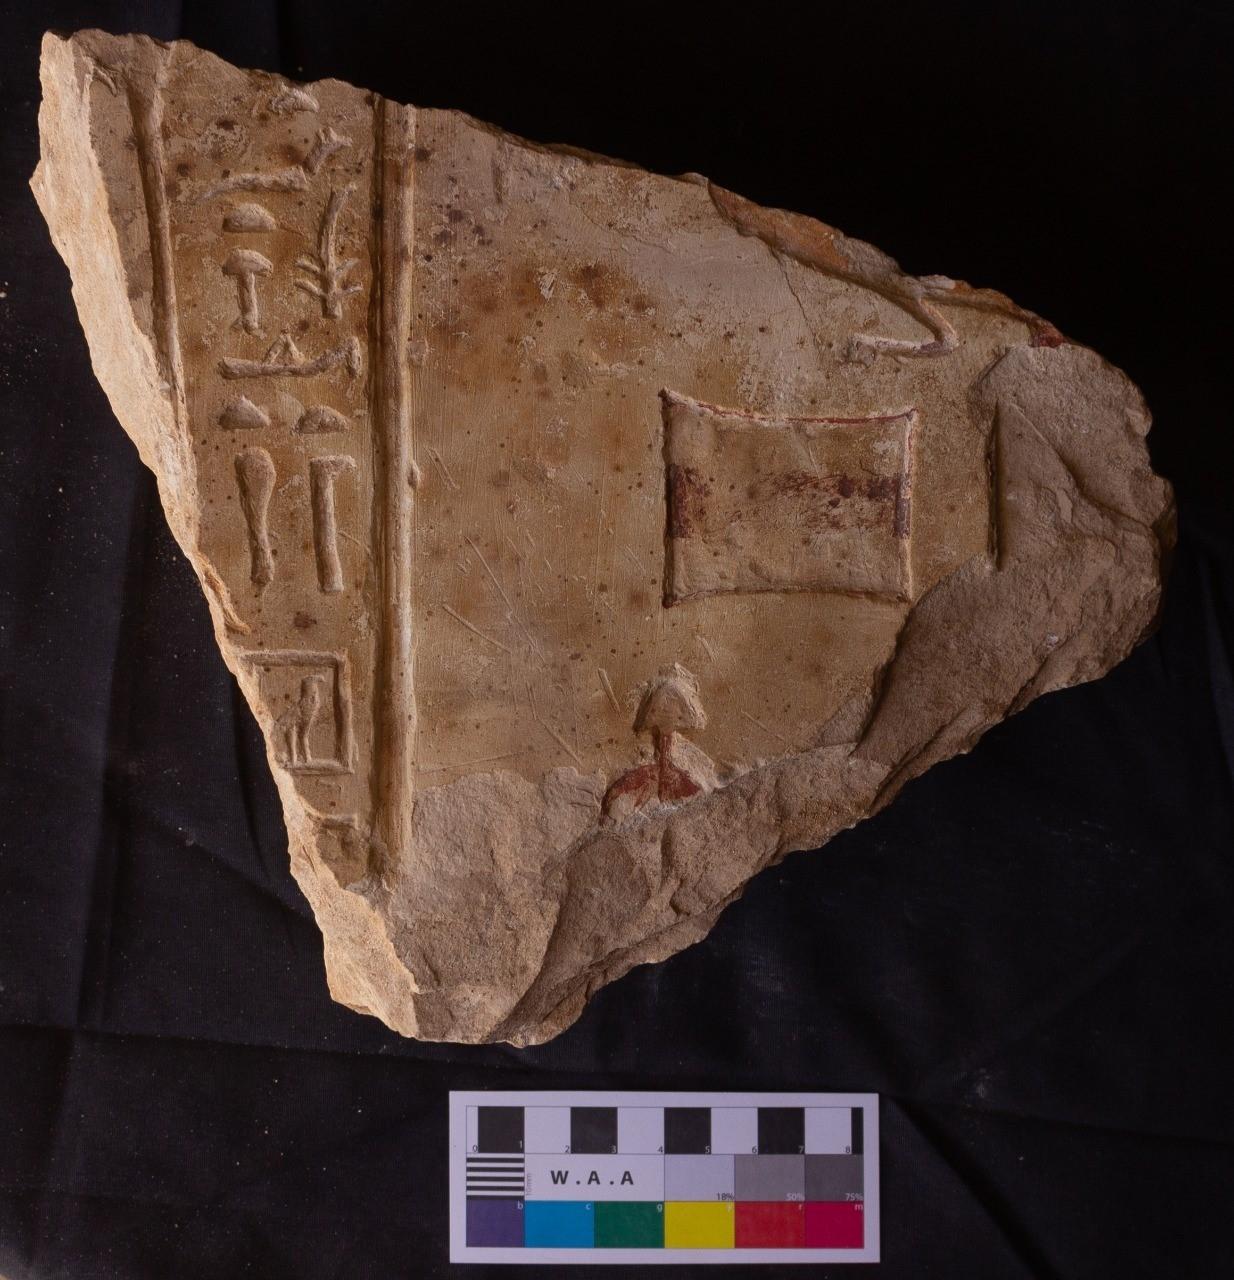 مصر القديمة.. مقابر في الجبال عمرها 4000 عام